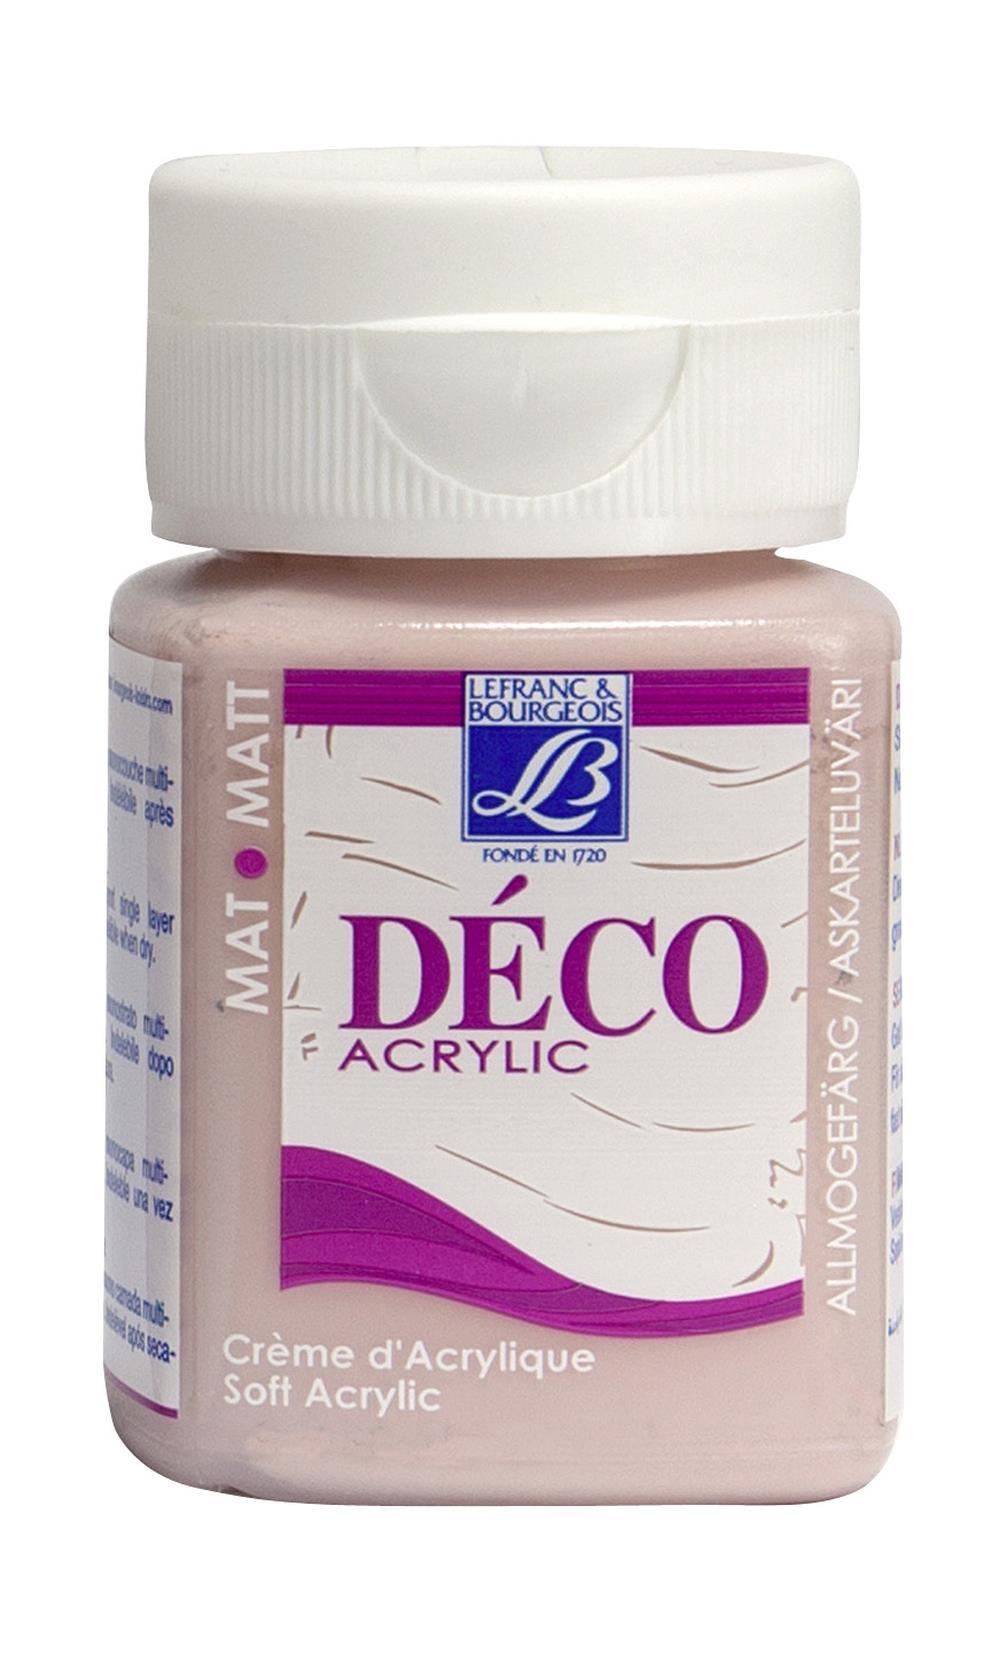 Hobbyfärg L&B Deco Matt Akryl 50ml Tender pink warm 317 (4F)